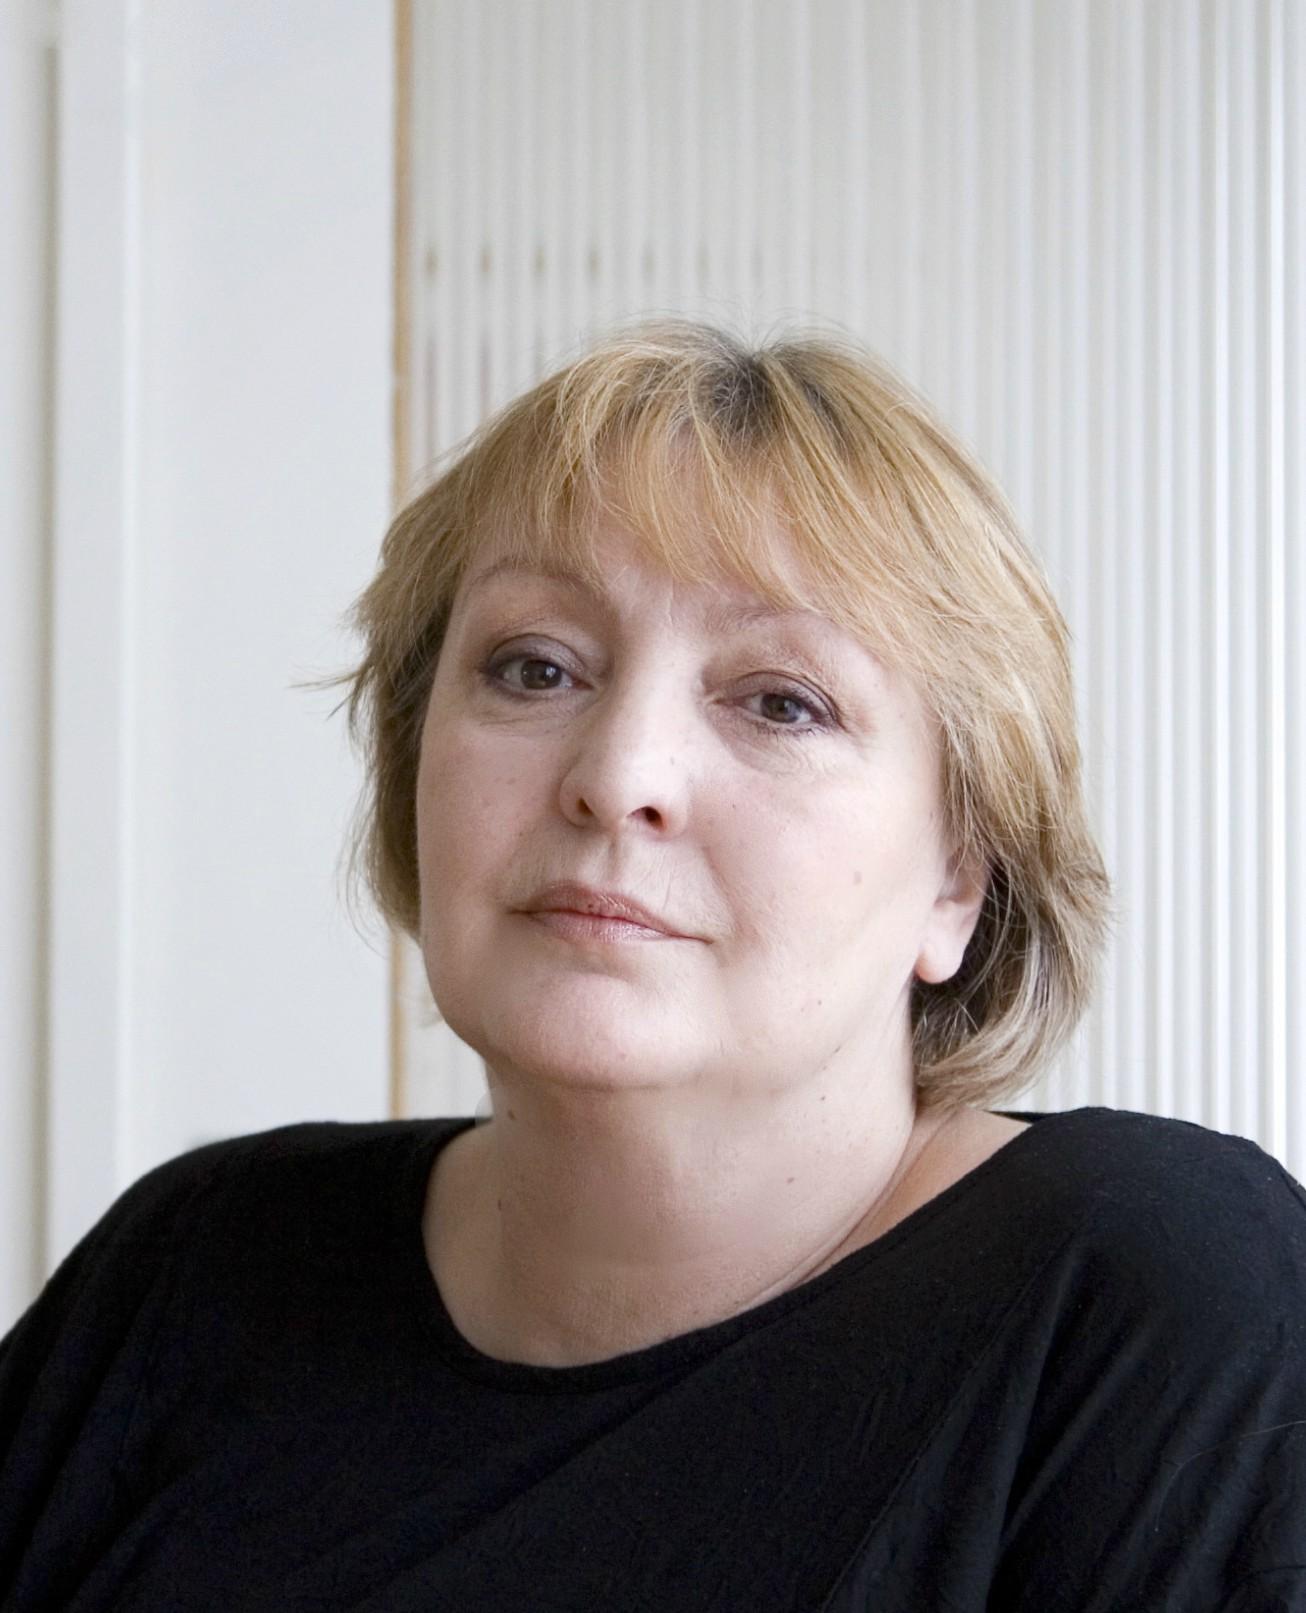 Judith Jockel